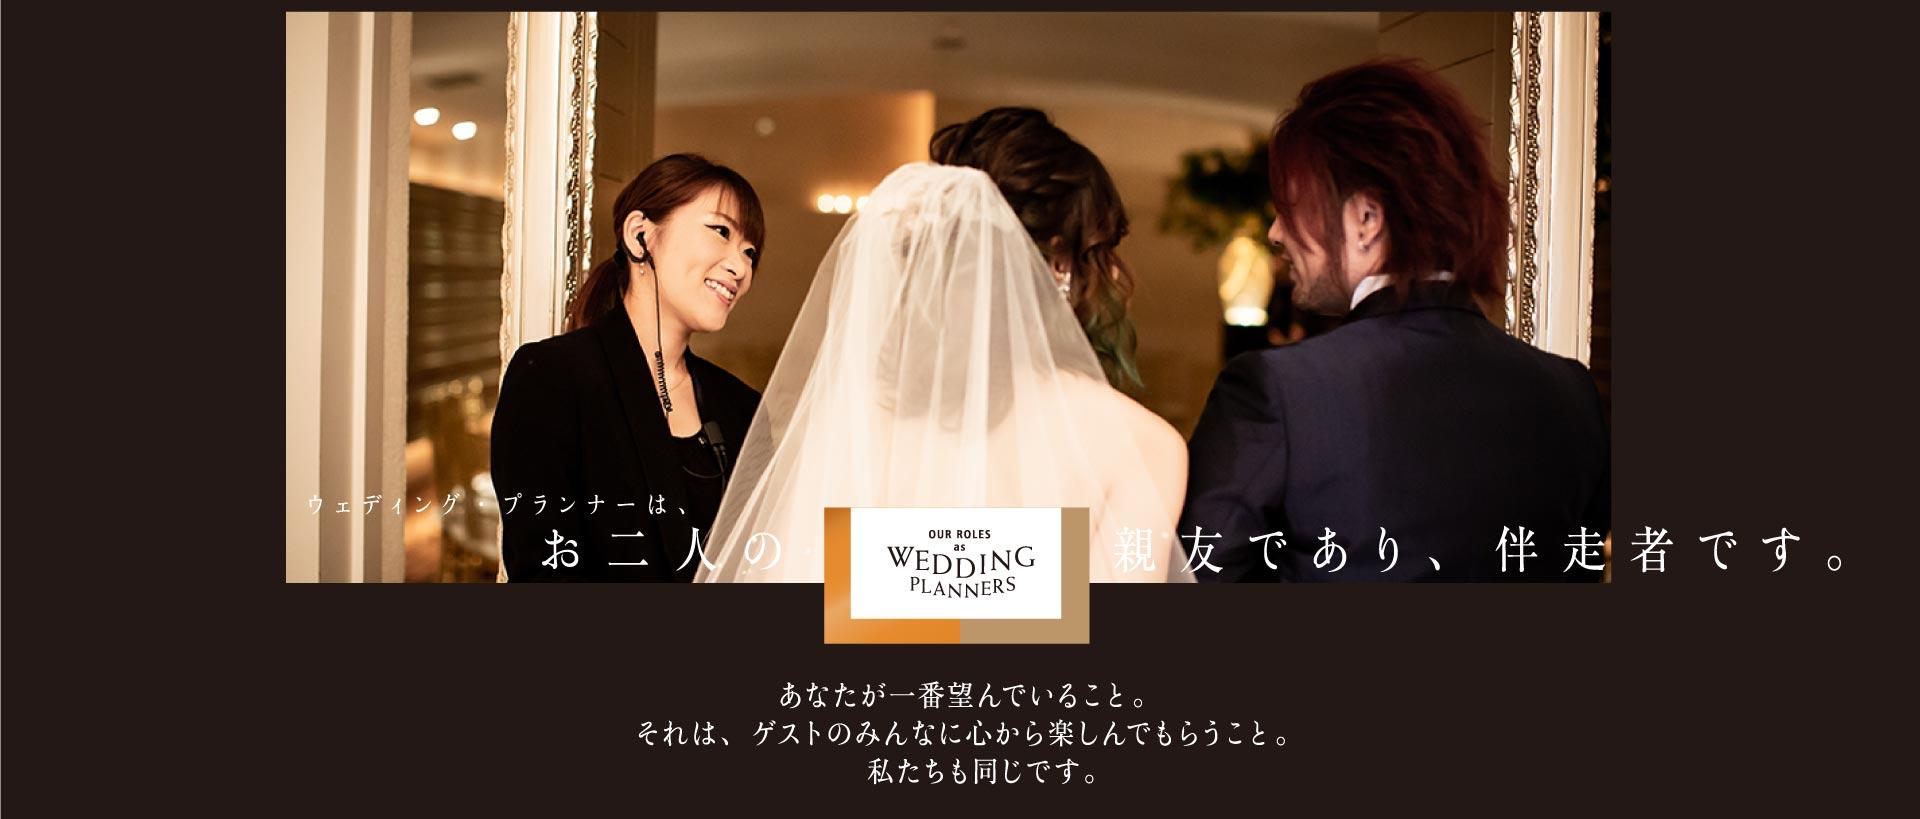 ザ マグリット | 岡山県岡山市の結婚式場・パーティーウェディング・おもてなしウェディング ウェディング・プランナー